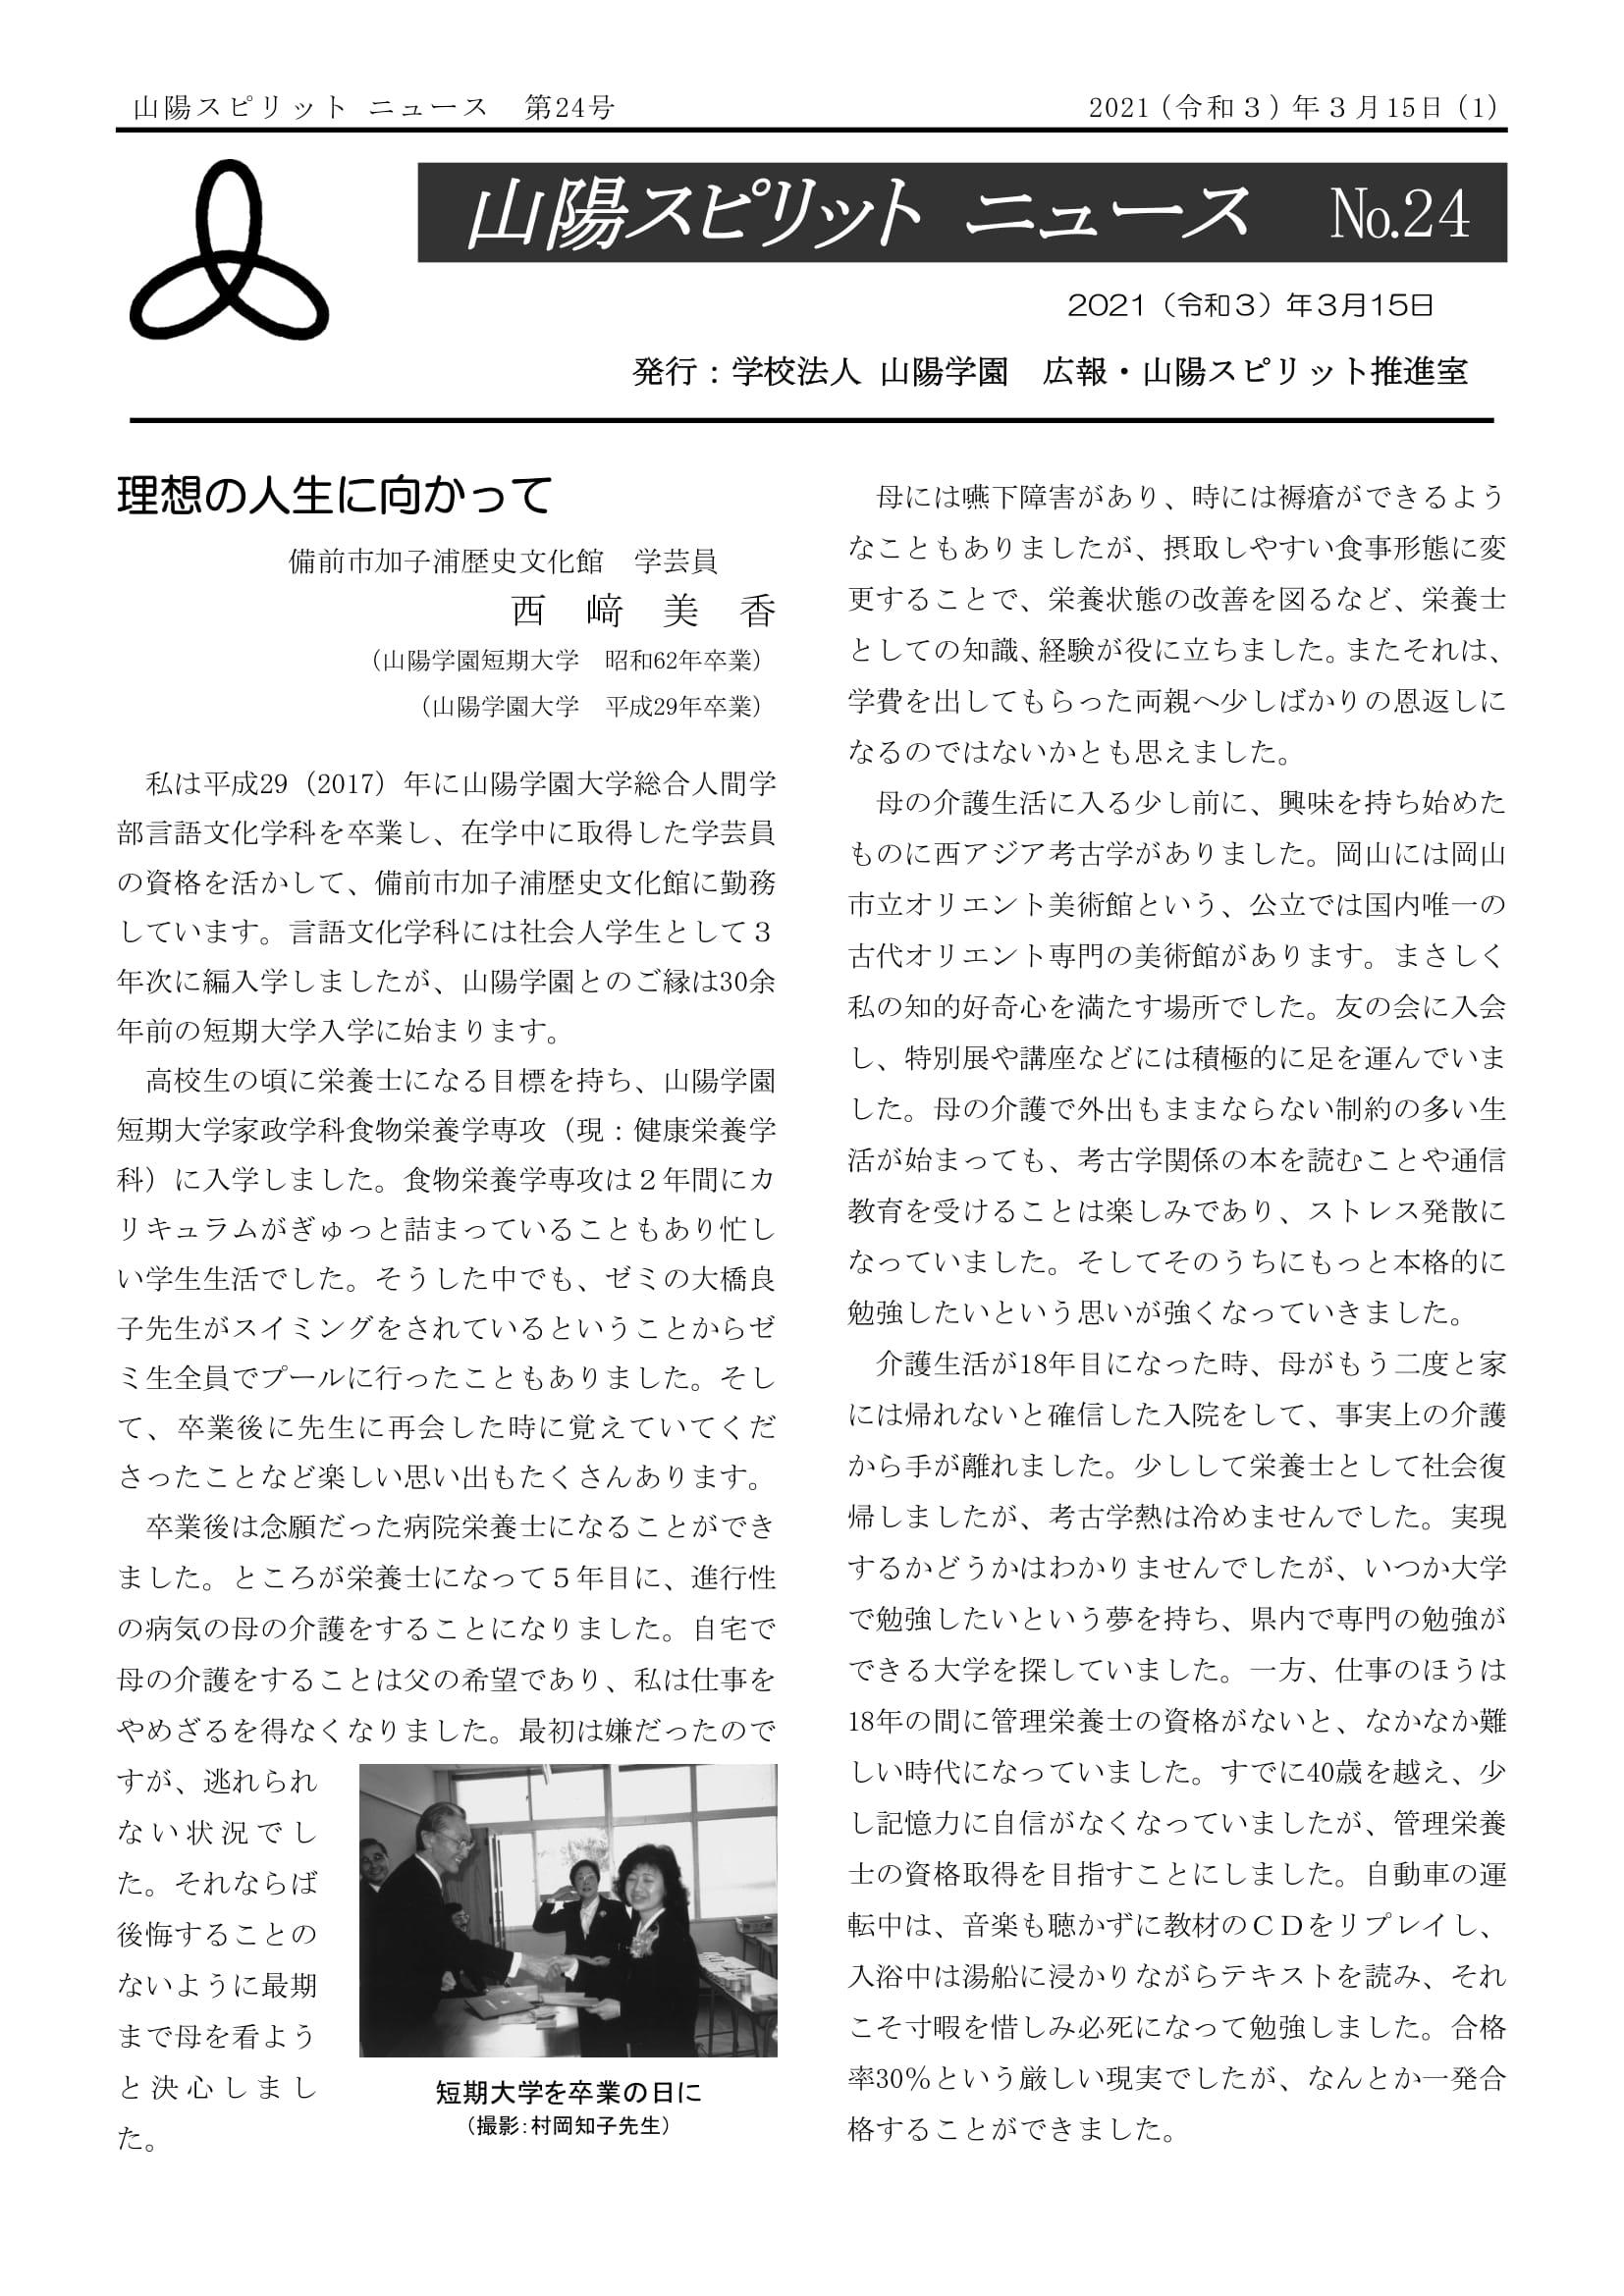 「山陽スピリットニュース」24号-1